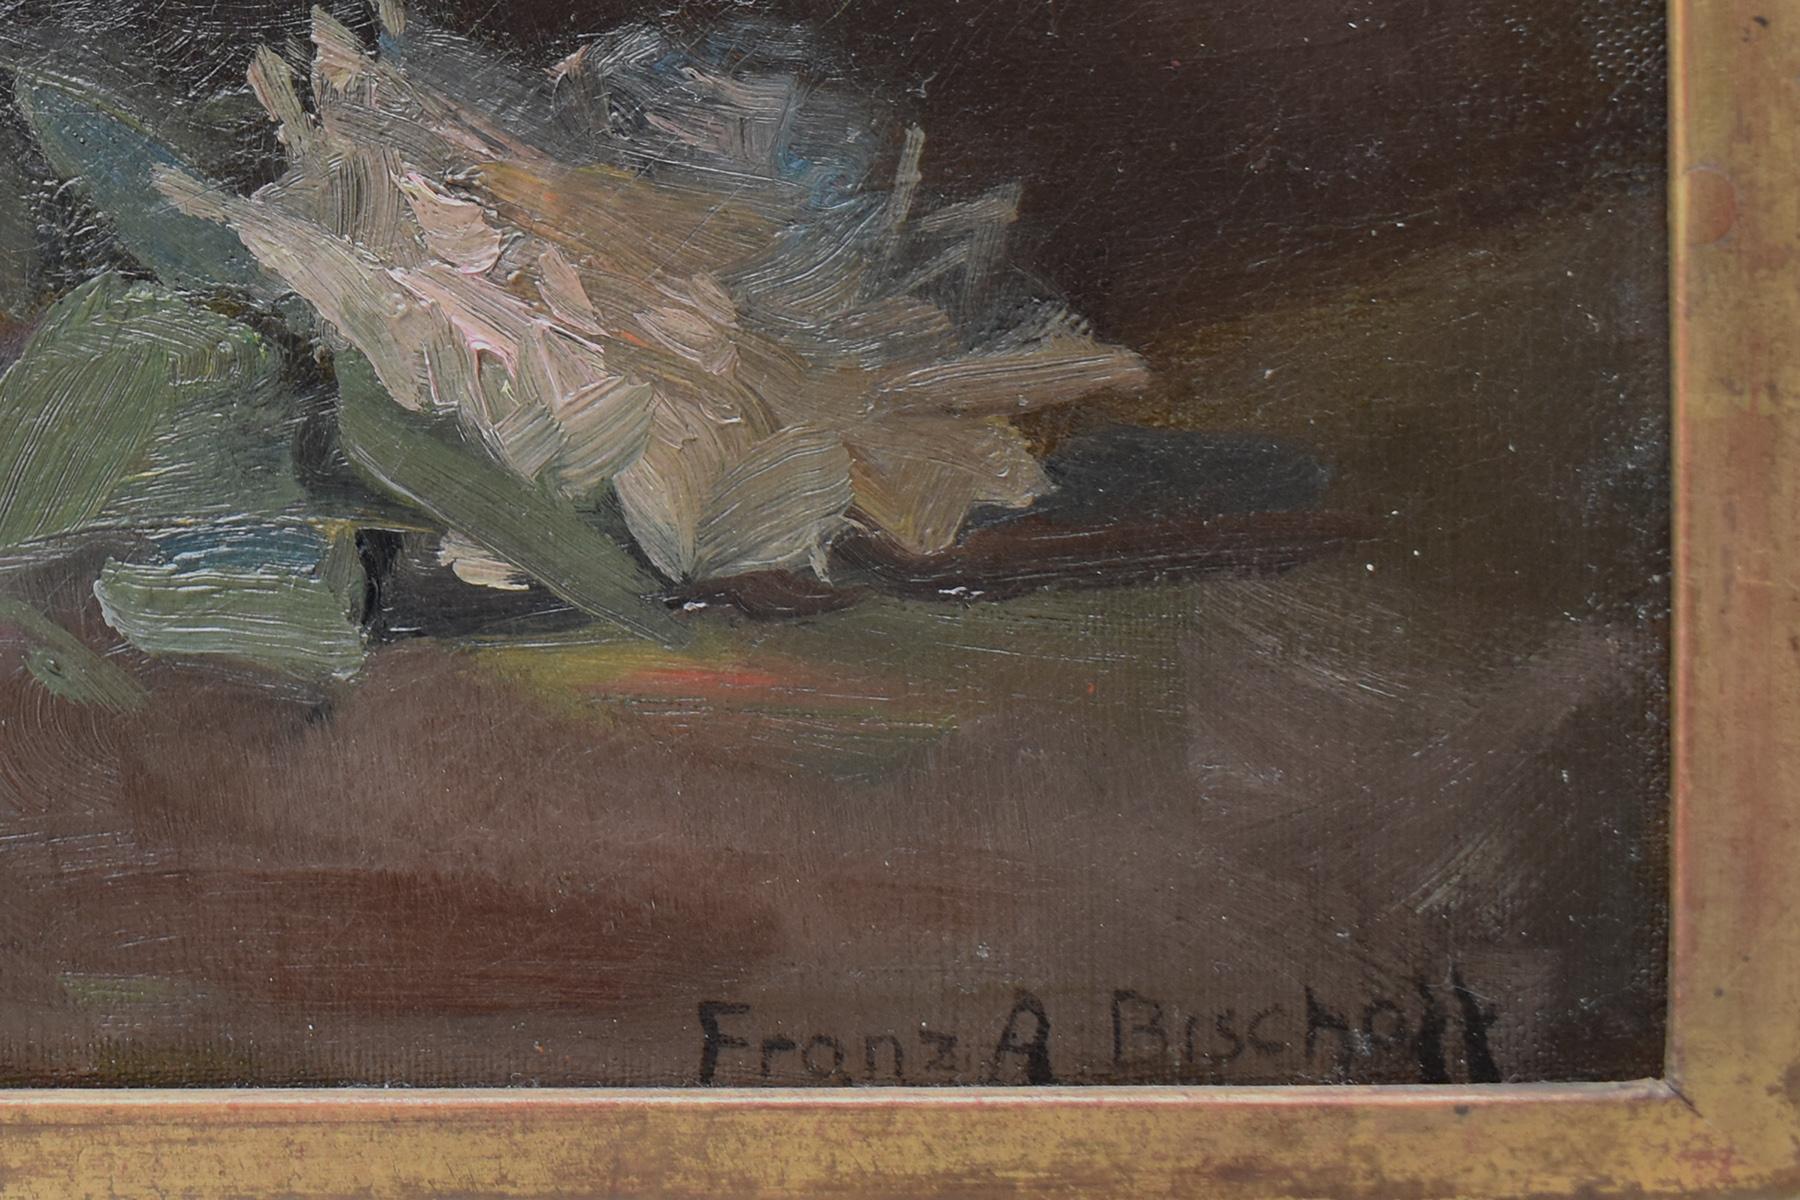 franz-bischoff-painting-signature